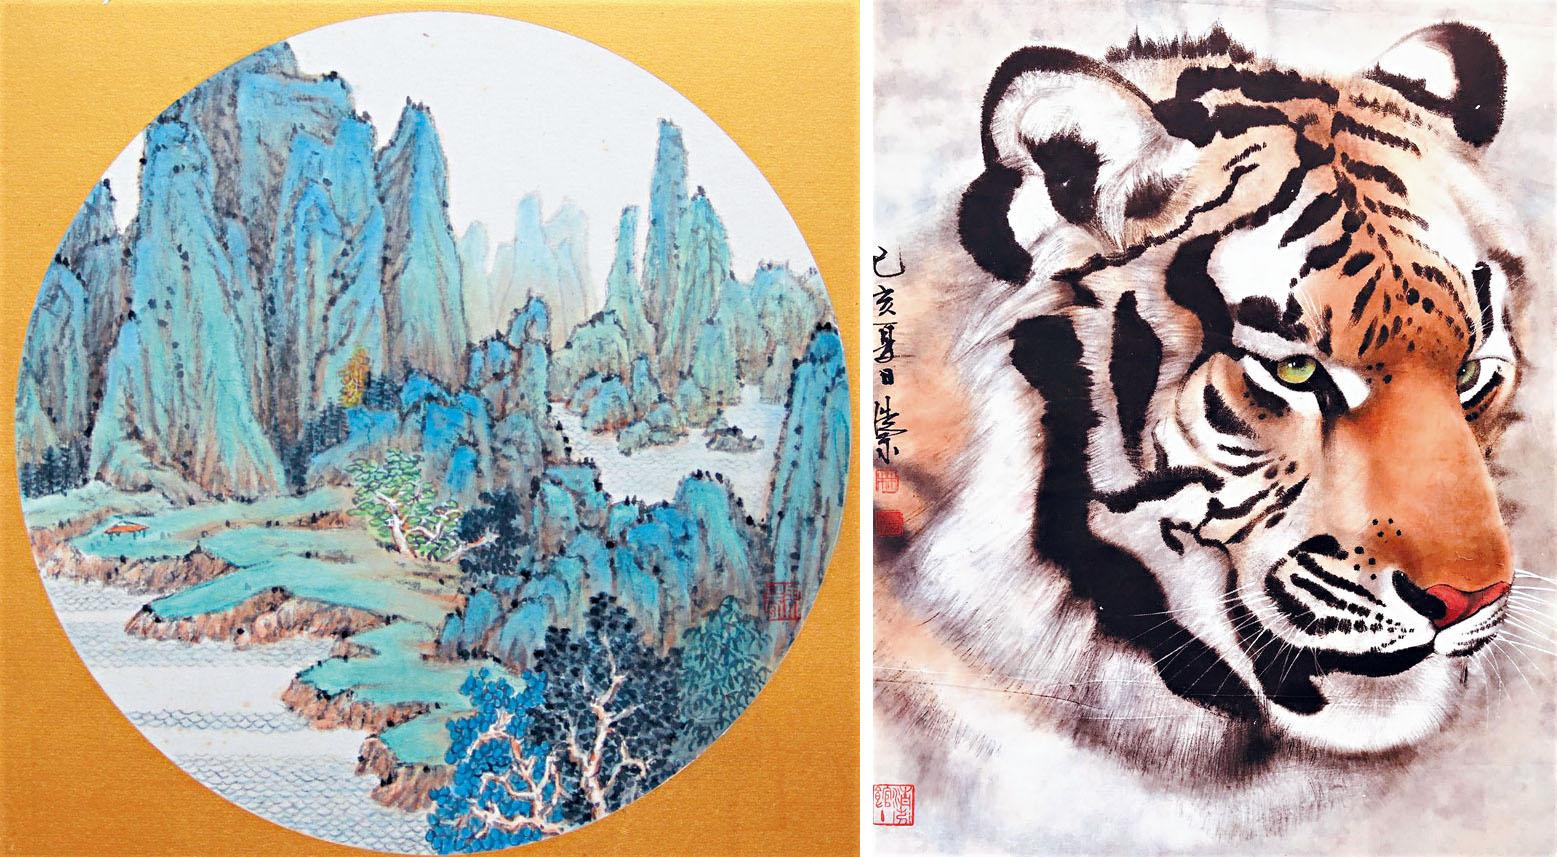 (左圖)王果春作品《溪山圖》;譚嘉陵提供 (右圖)林浩宗作品《不怒而威》。